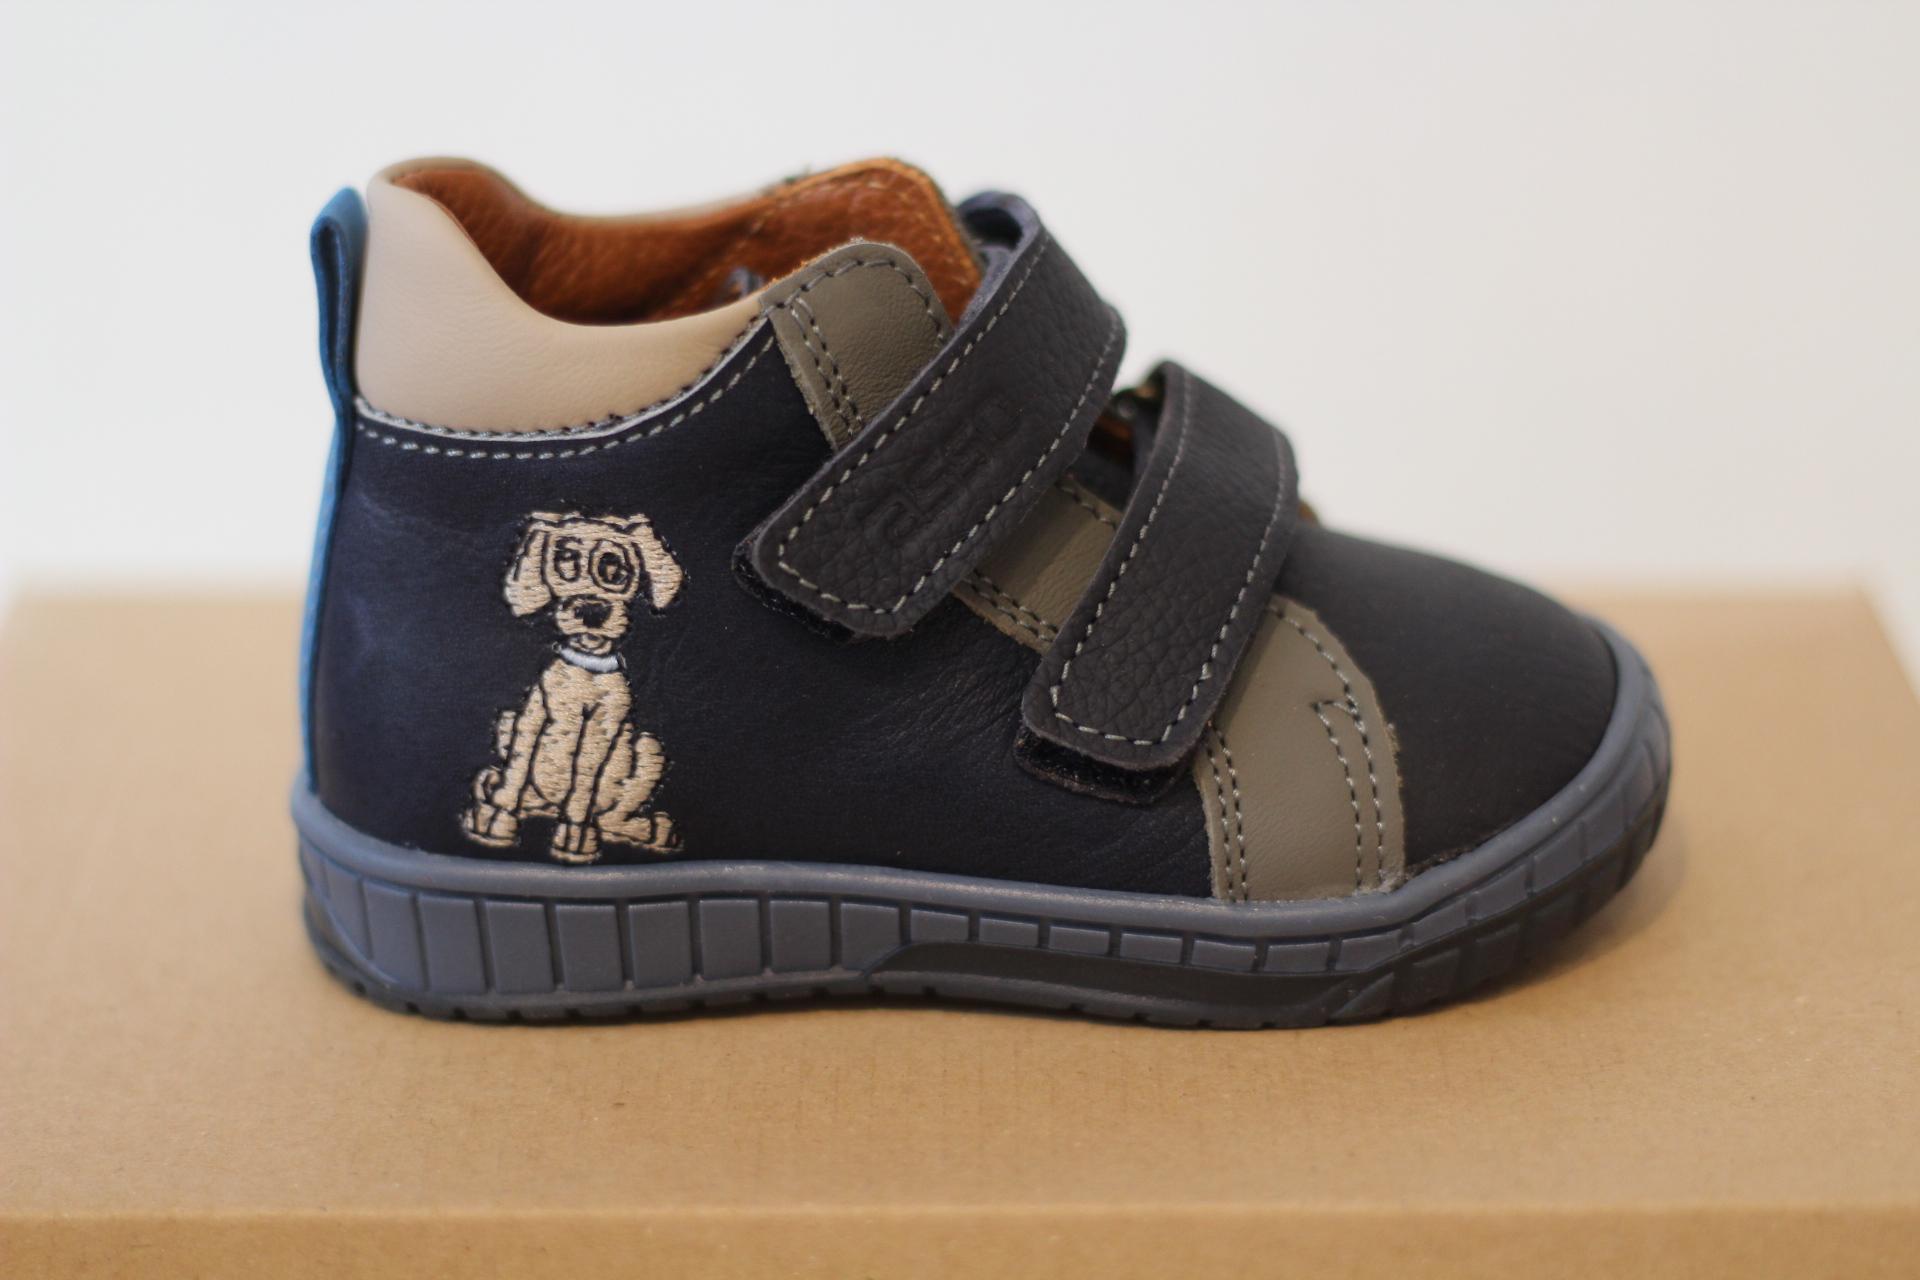 Asso gyerek cipő